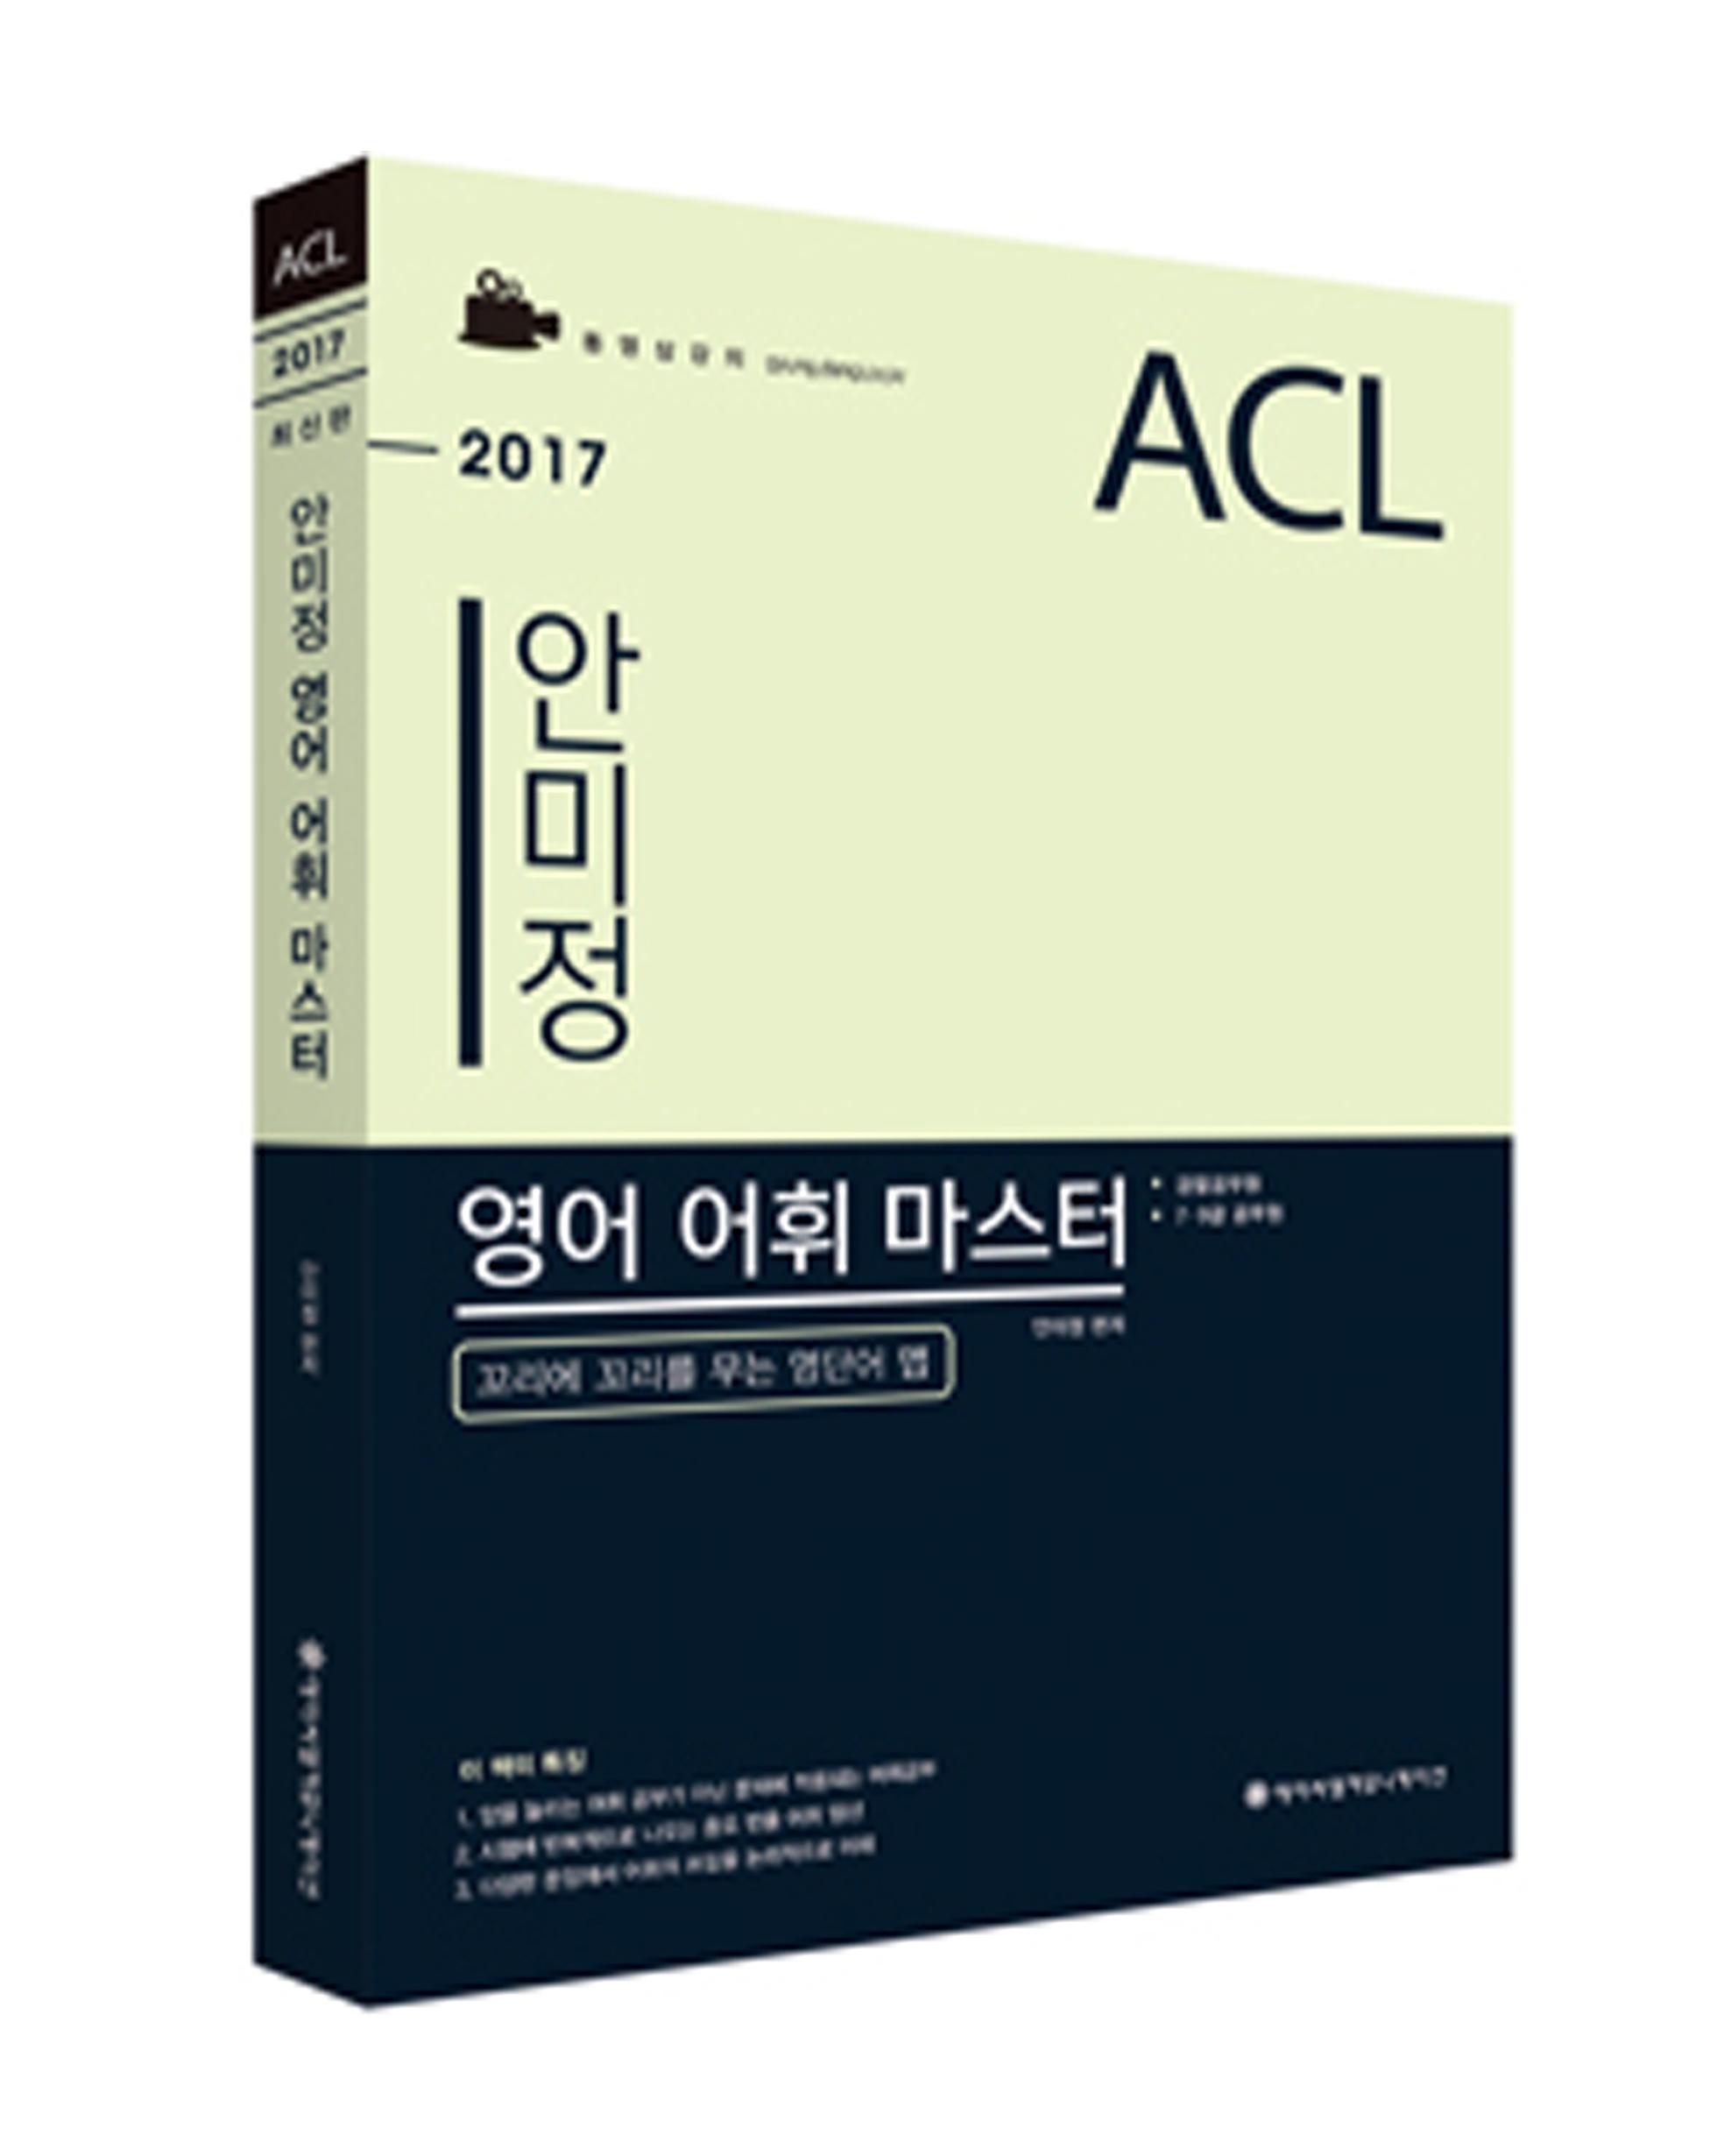 2017 ACL 안미정 영어 어휘 마스터